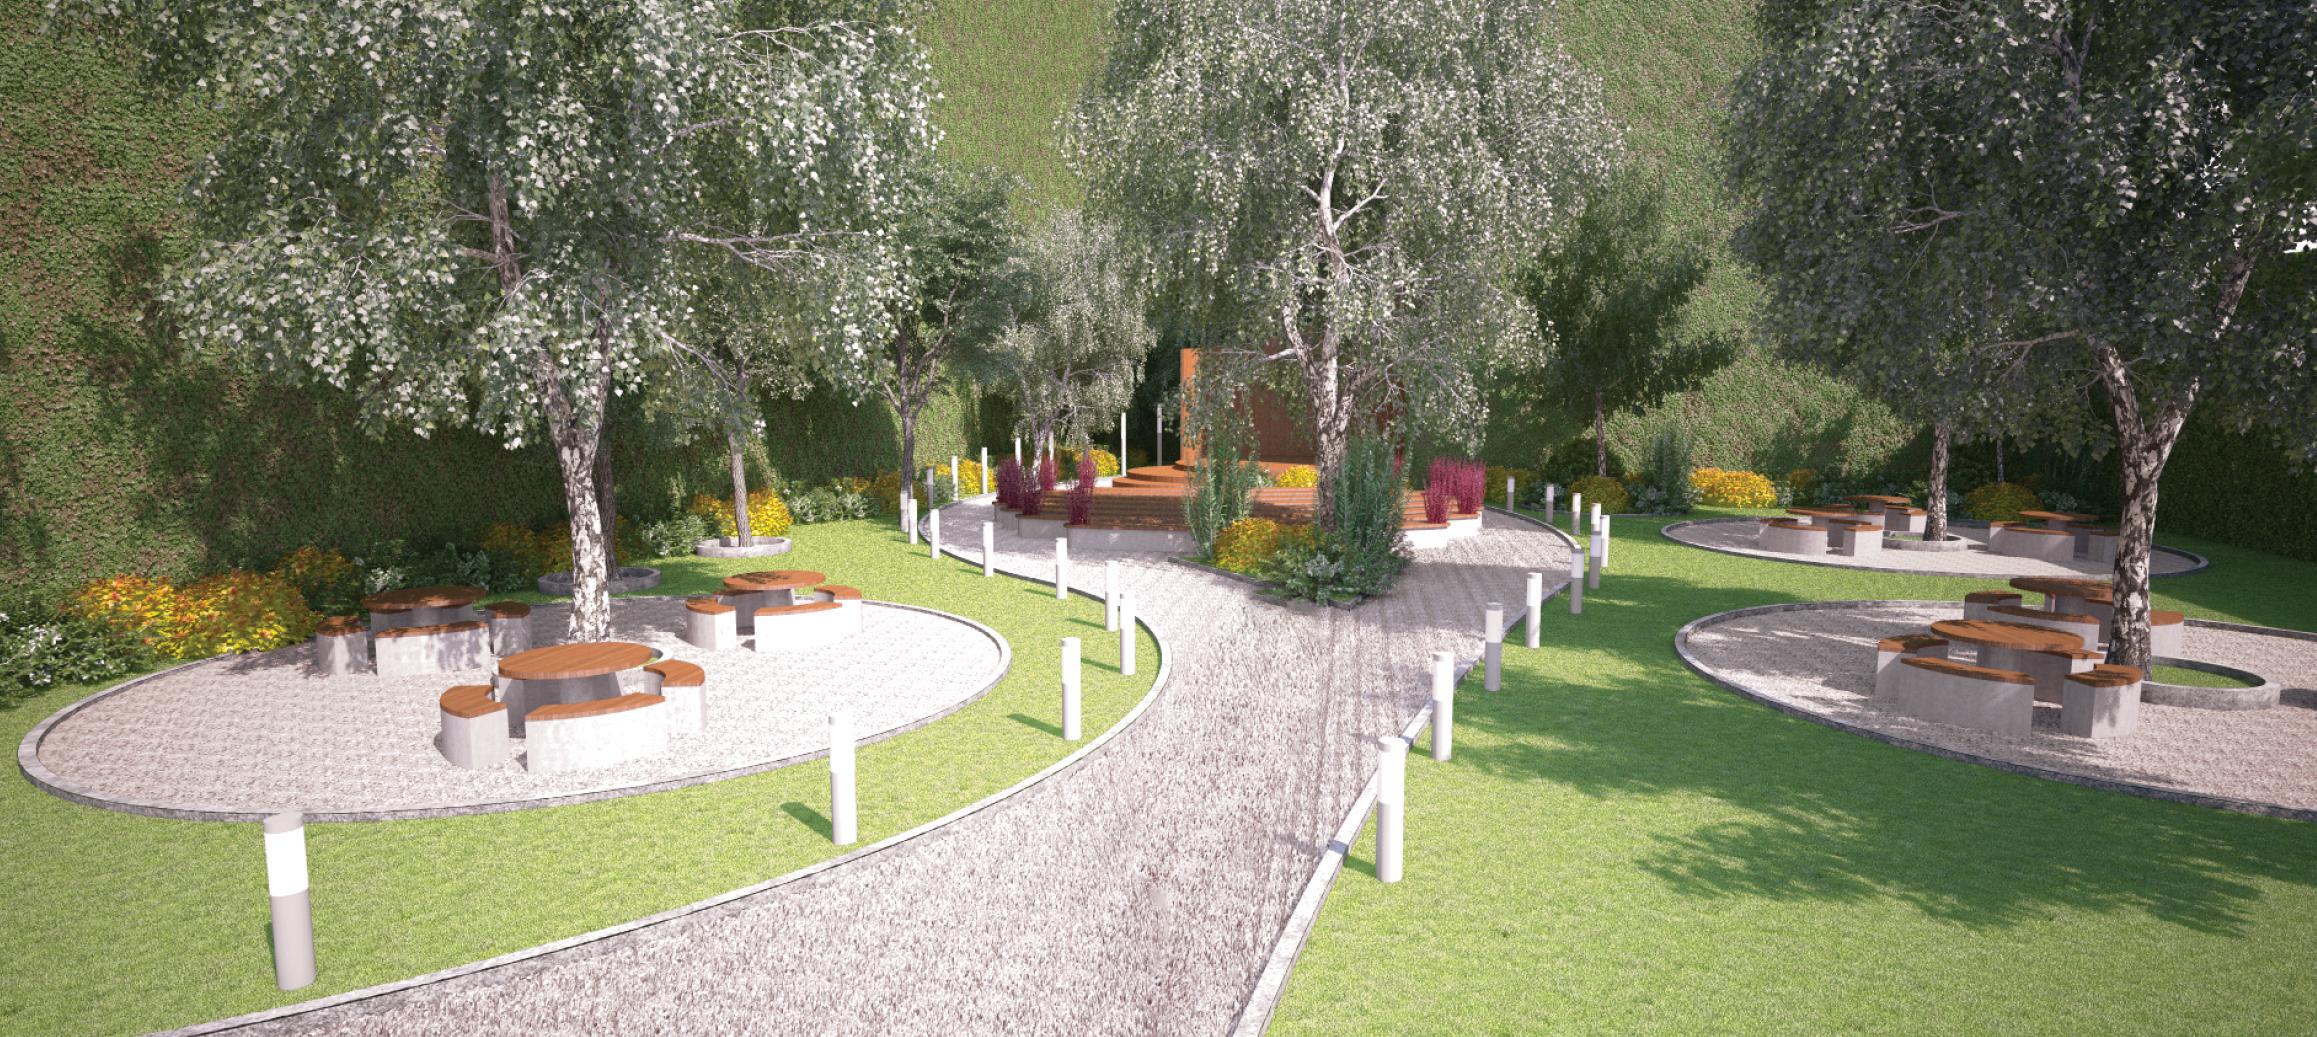 Garden Concept Plan Huska Design